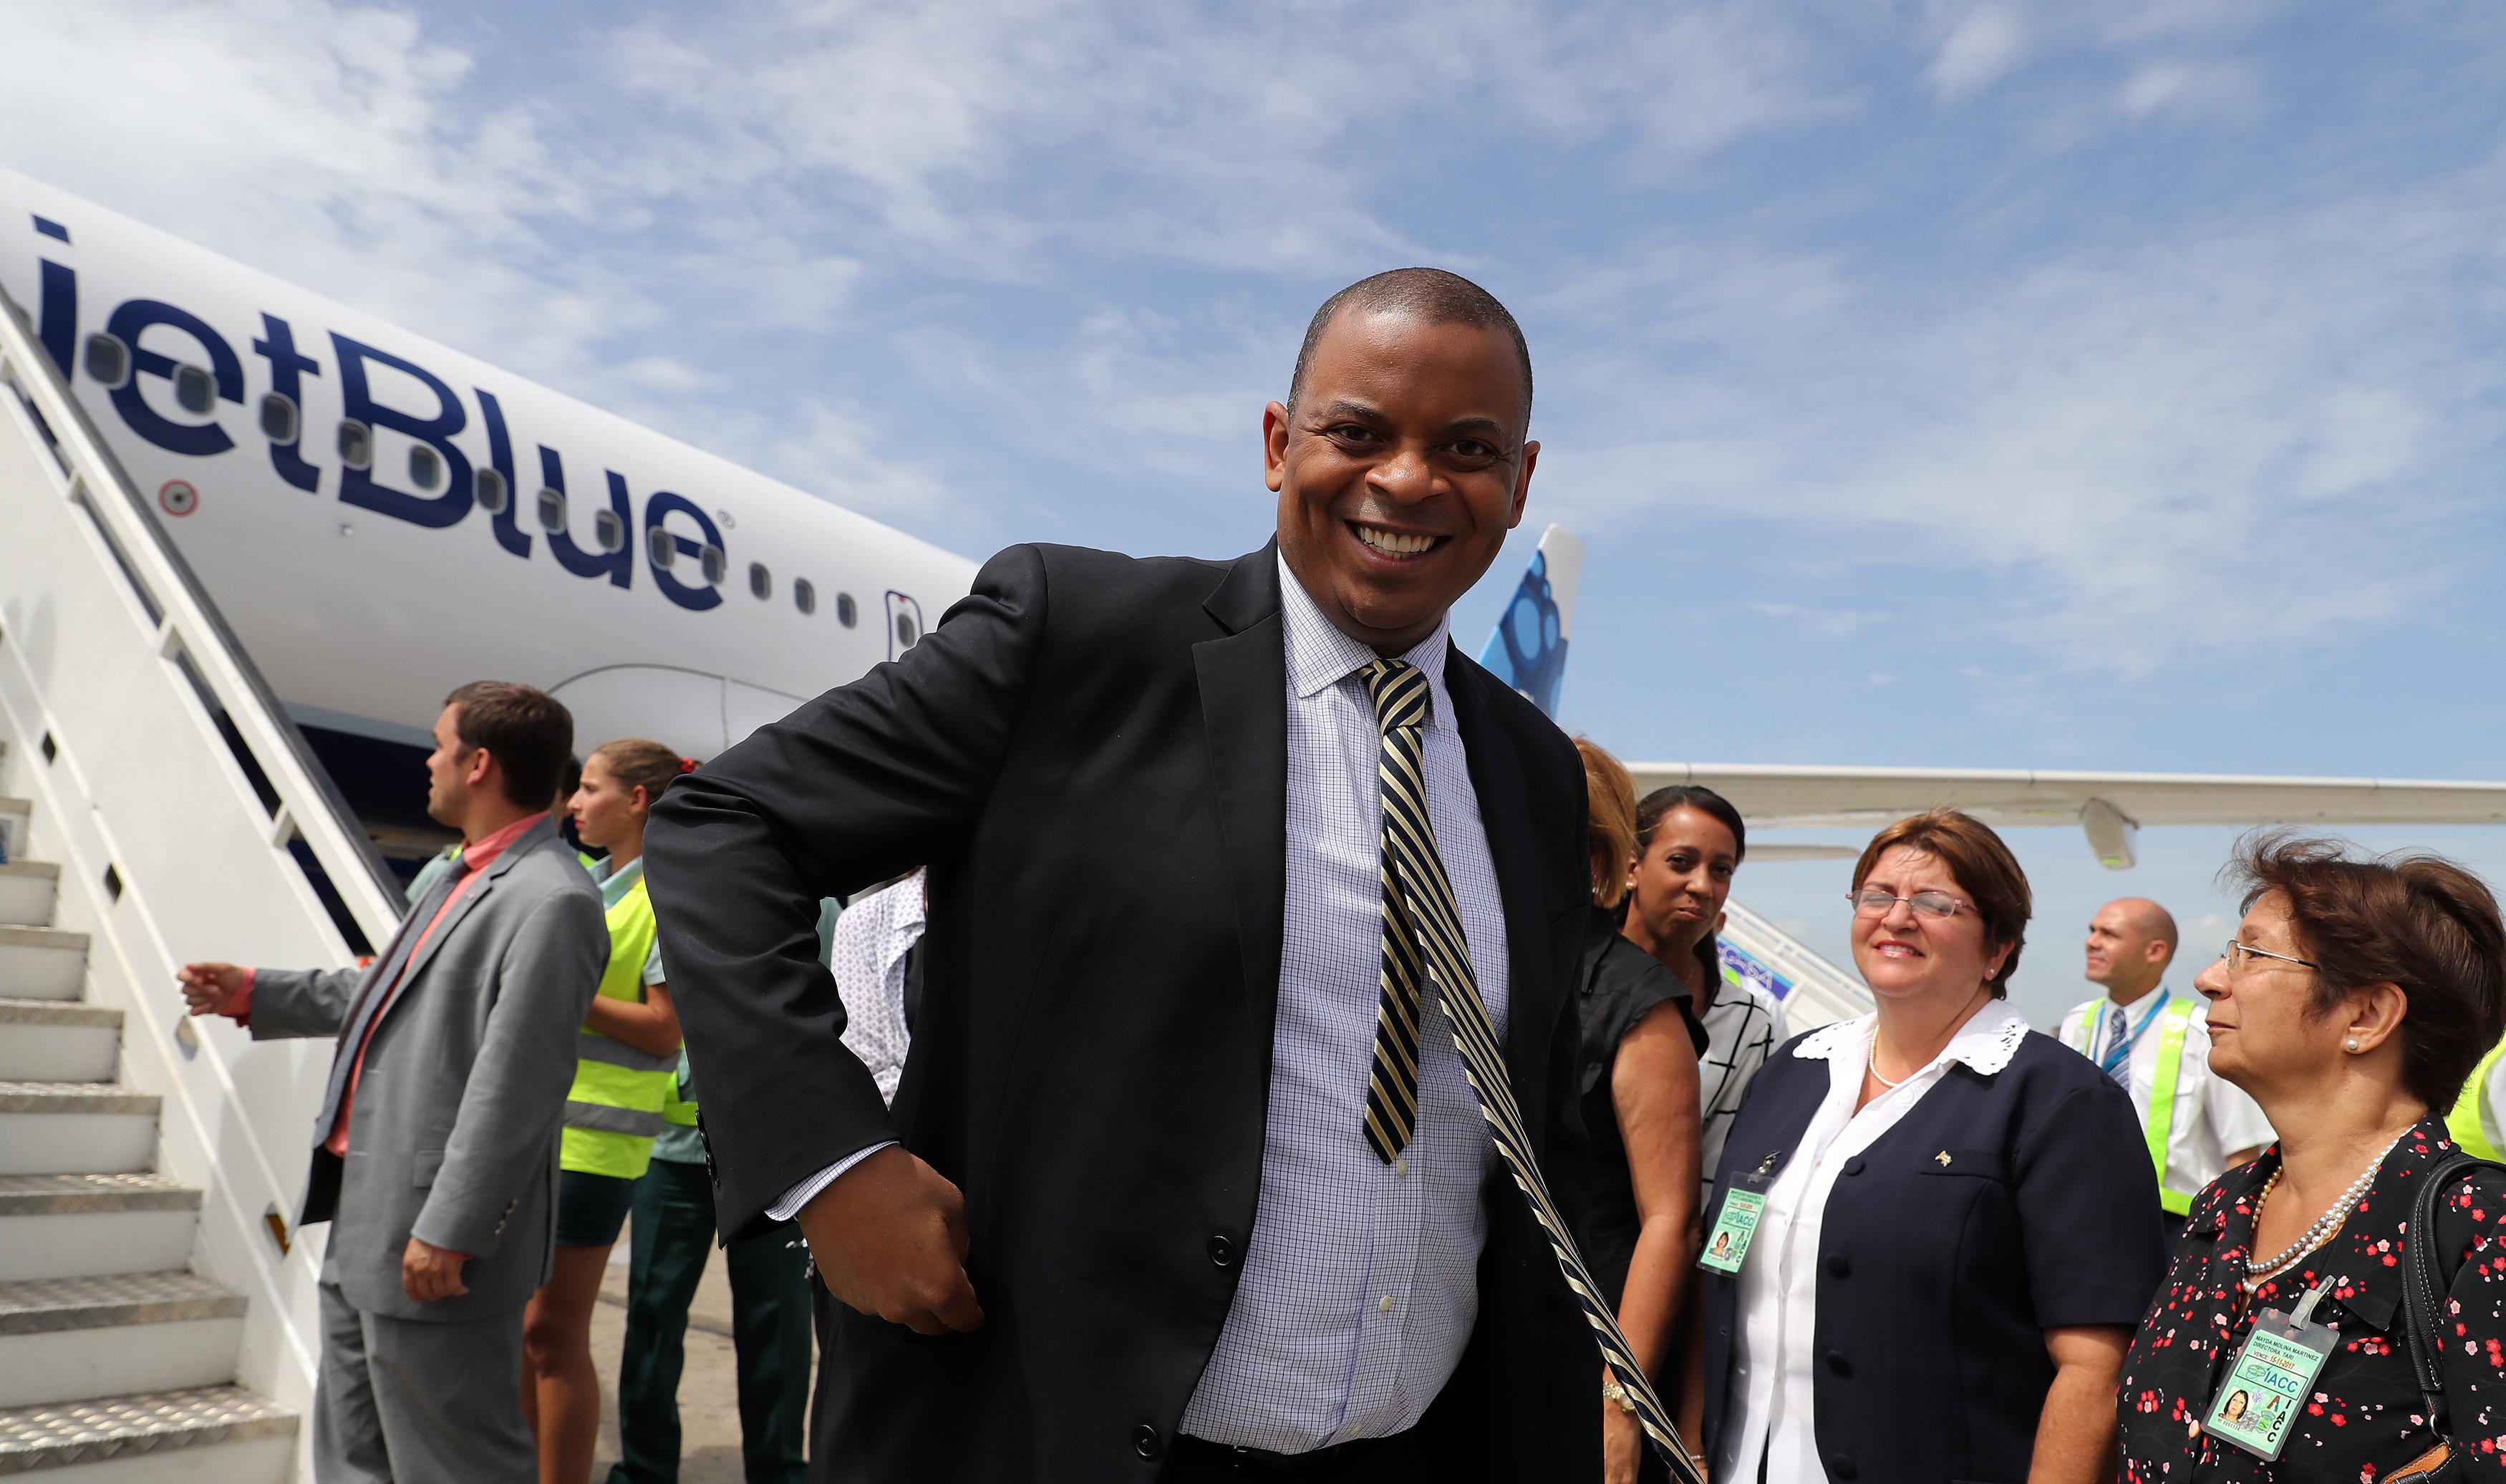 美國交通部部長安東尼・福克斯隨同復航的美古定期航班到達古巴。(美聯社)